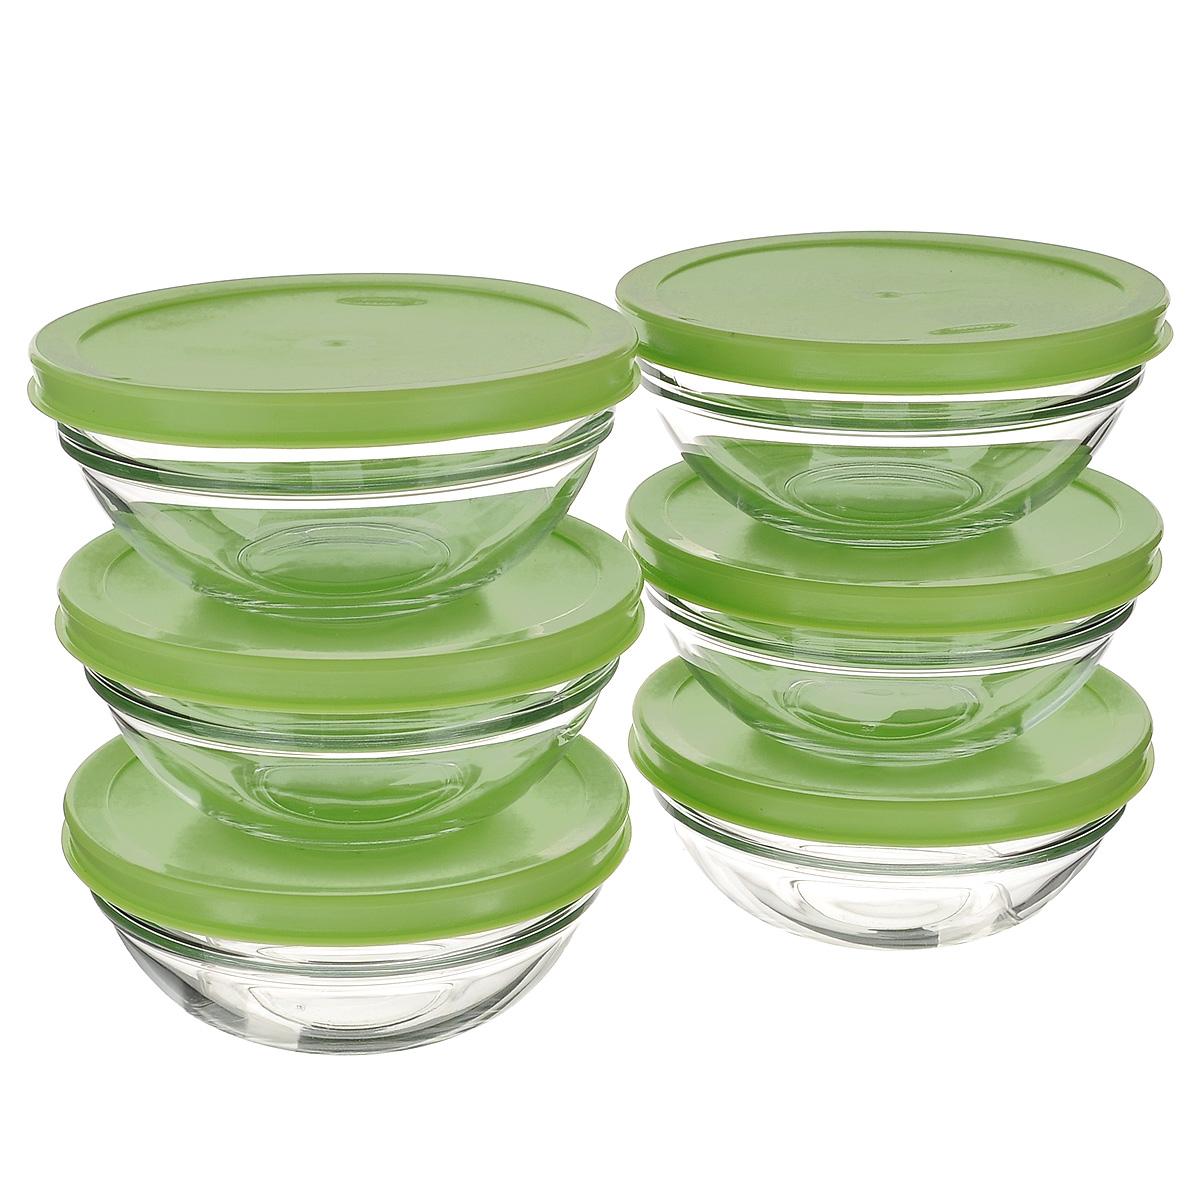 Набор салатников Pasabahce Chefs, с крышками, цвет: зеленый, диаметр 14 см, 6 шт53553BD1Набор Pasabahce Workshop Chefs состоит из шести круглых малых салатников. Салатники выполнены из прочного натрий-кальций-силикатного стекла. Изделия оснащены пластиковыми крышками. Такие салатники отлично подойдут для сервировки закусок, нарезок, салатов и других блюд, а наличие крышек дает возможность хранить продукты закрытыми в холодильнике. Салатники идеально подойдут для сервировки стола и станут отличным подарком к любому празднику. Можно мыть в посудомоечной машине и использовать в микроволновой печи. Диаметр салатника: 14 см. Высота салатника (без учета крышки): 5 см.